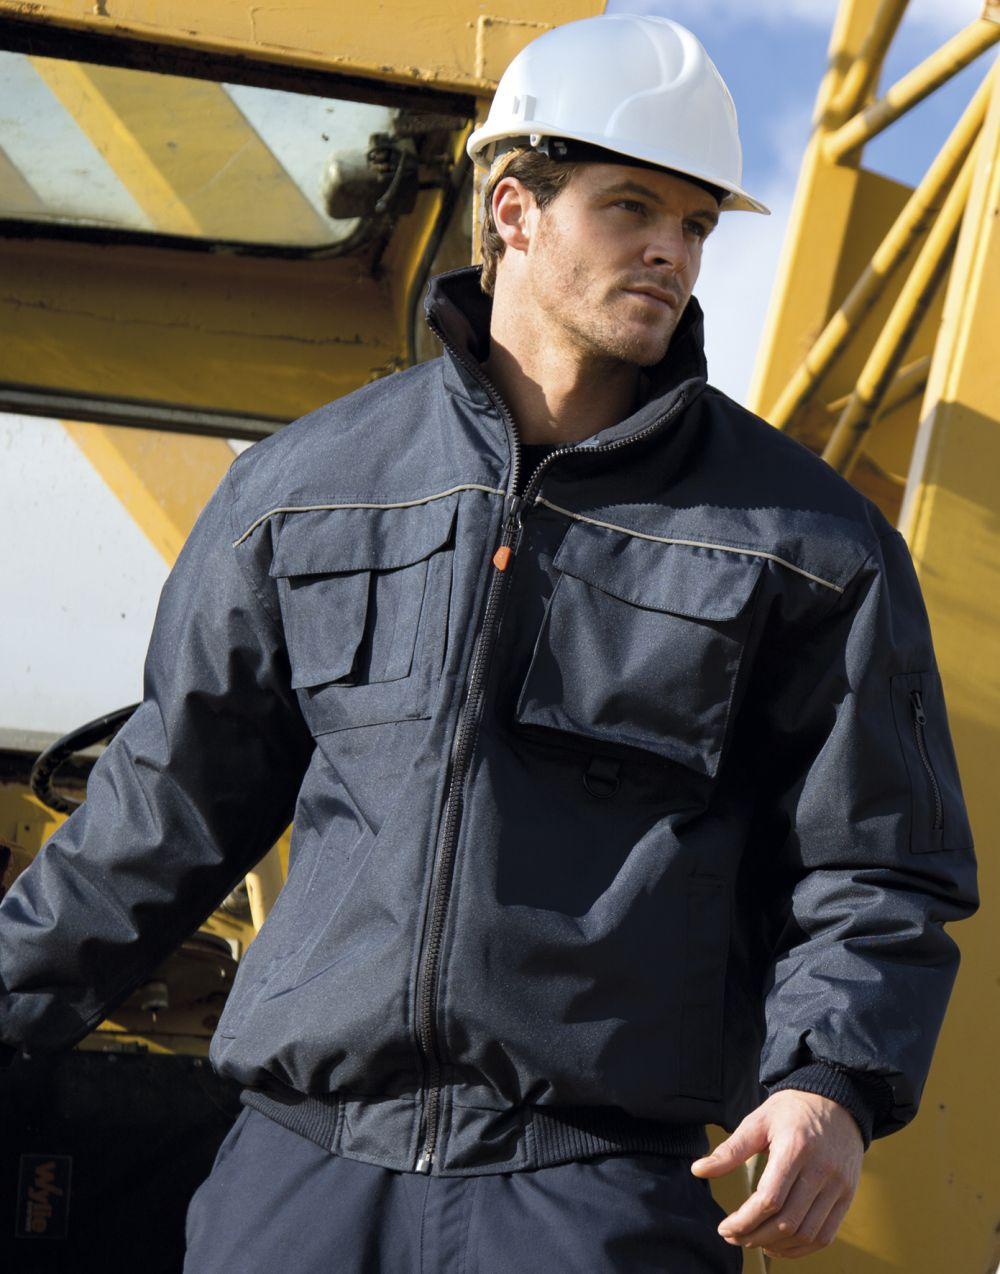 Chaquetas y cazadoras de trabajo result chaqueta hombre work guard sabre pilot jacket con logo imagen 2